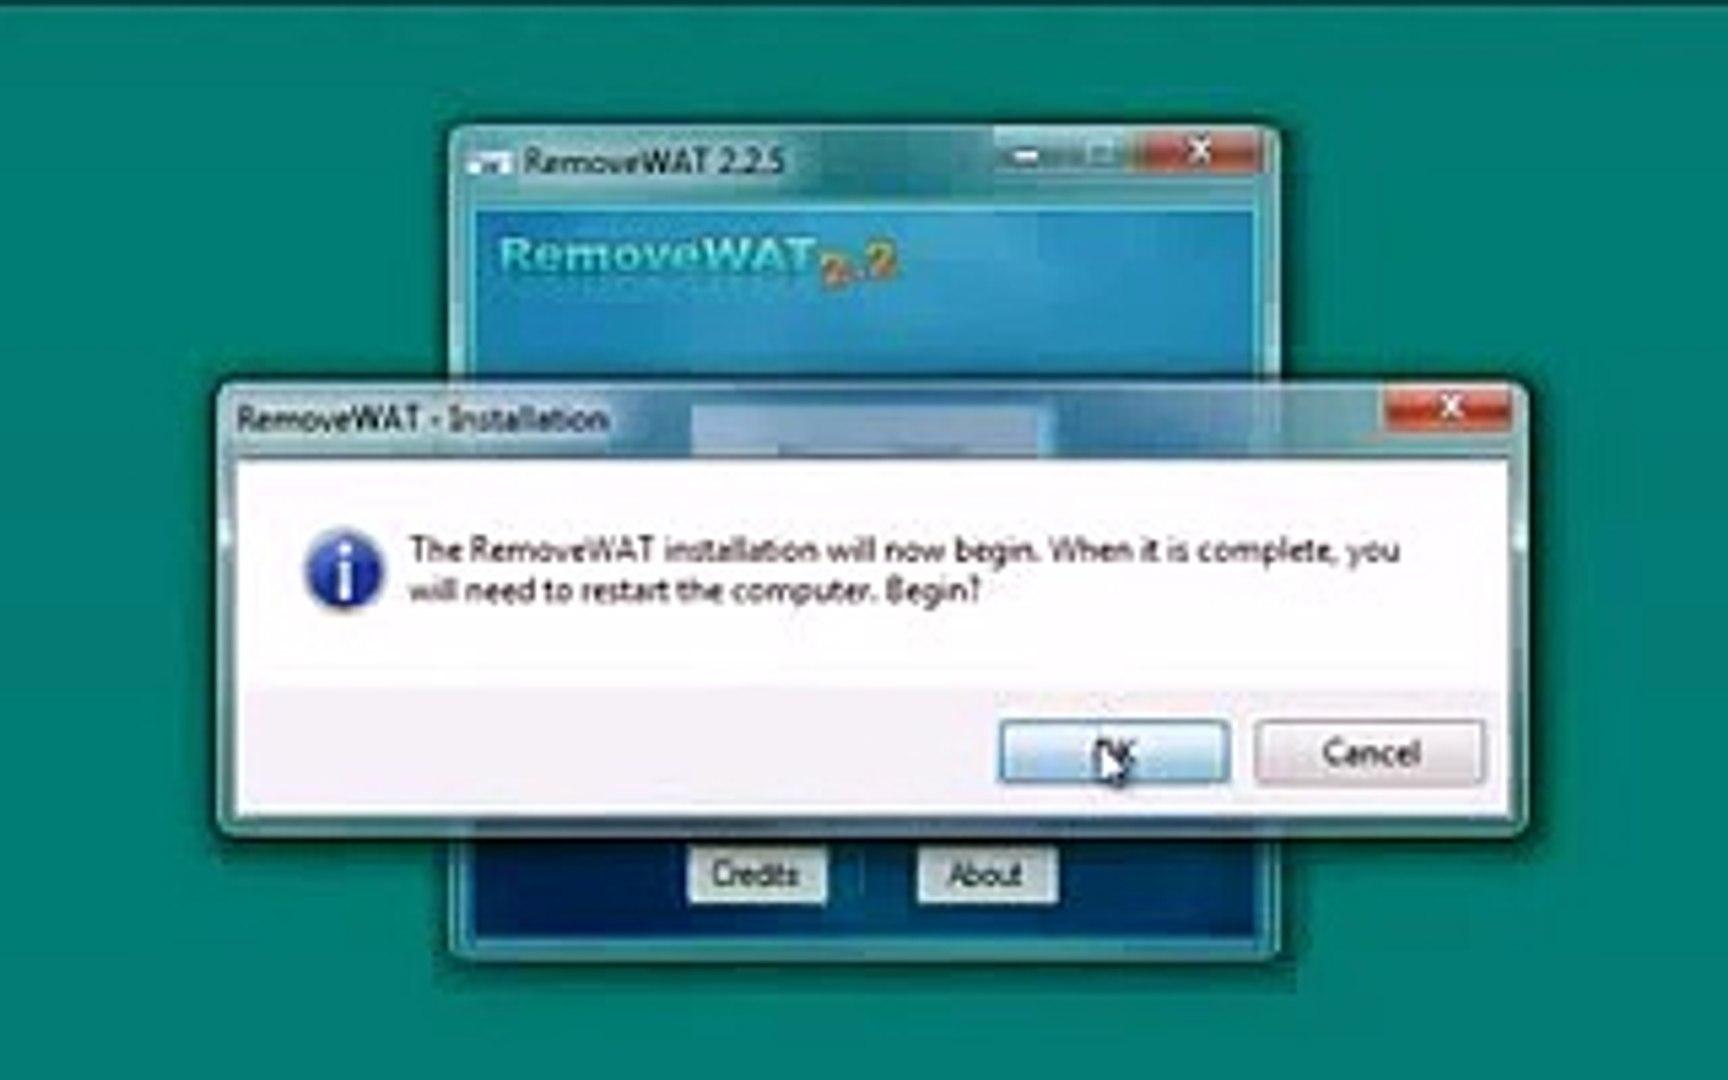 windows 7 loader v2 2.2 by daz download tpb